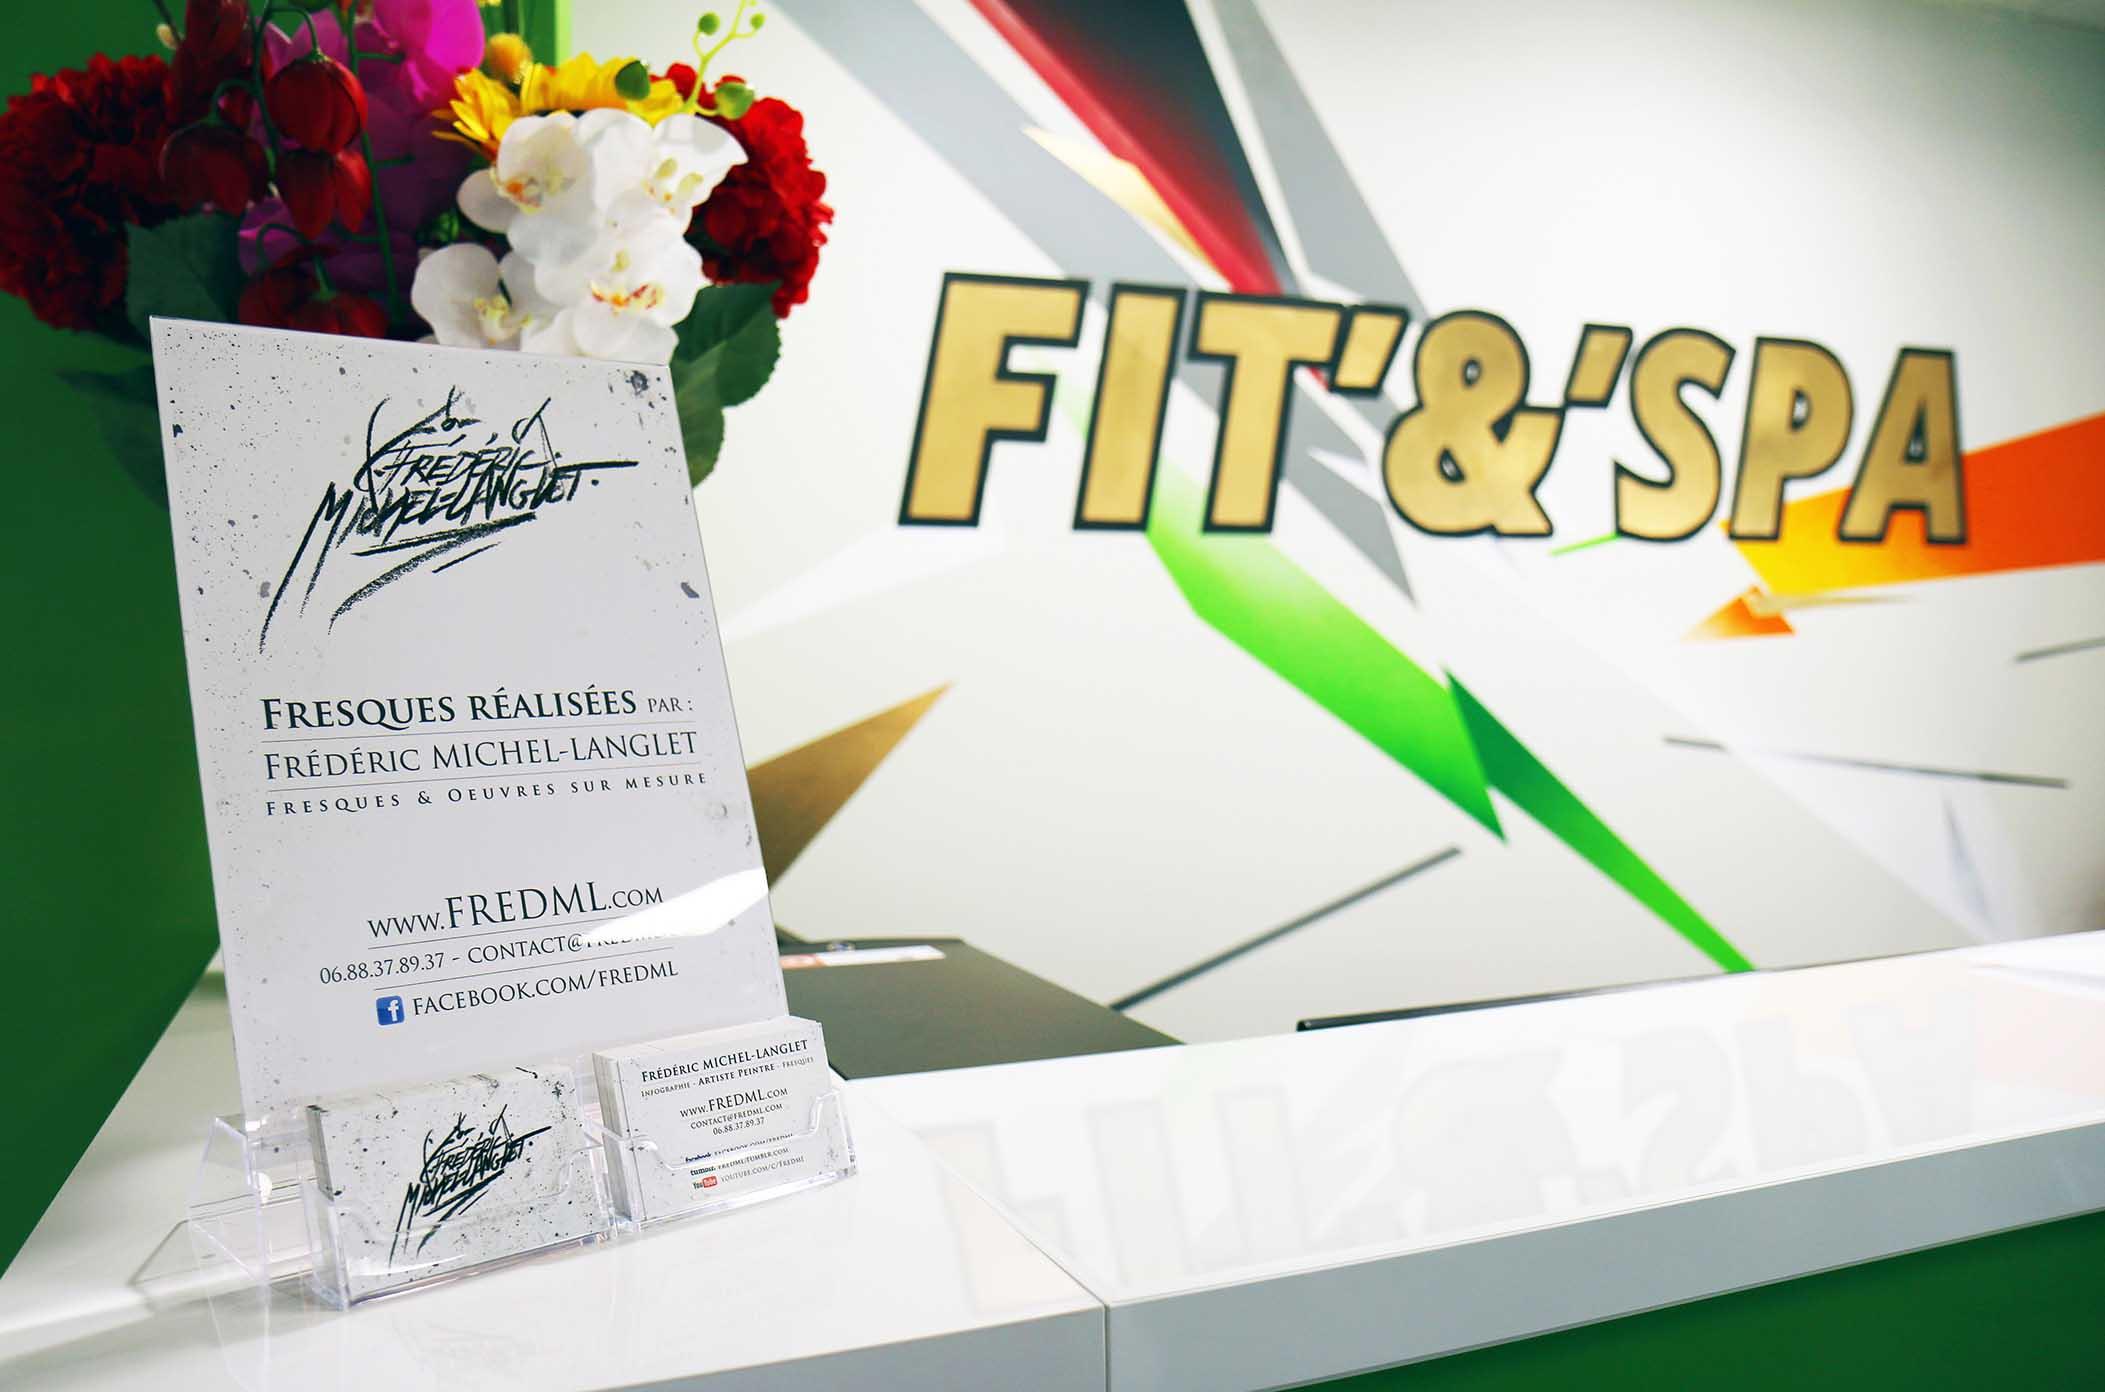 logo FIT & SPA, décorations colorées & présentoir réalisés par frédéric michel-langlet dans la salle de sport fit & spa de la chapelle en serval